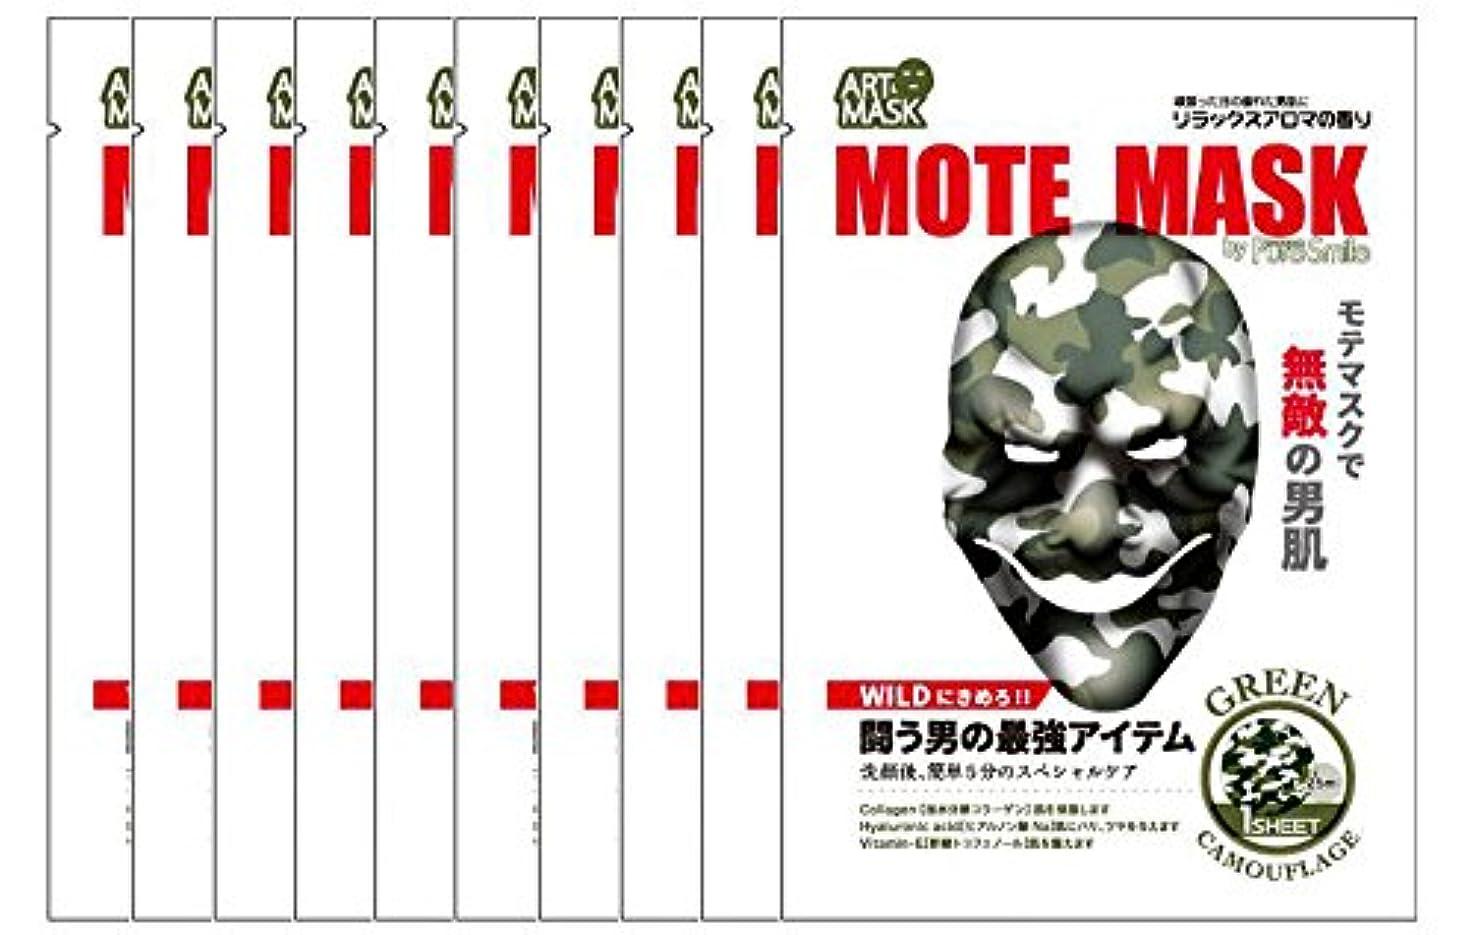 音エキス逸脱ピュアスマイル アートマスク モテマスク MA-01 リラックスアロマの香り 1枚入り ×10セット